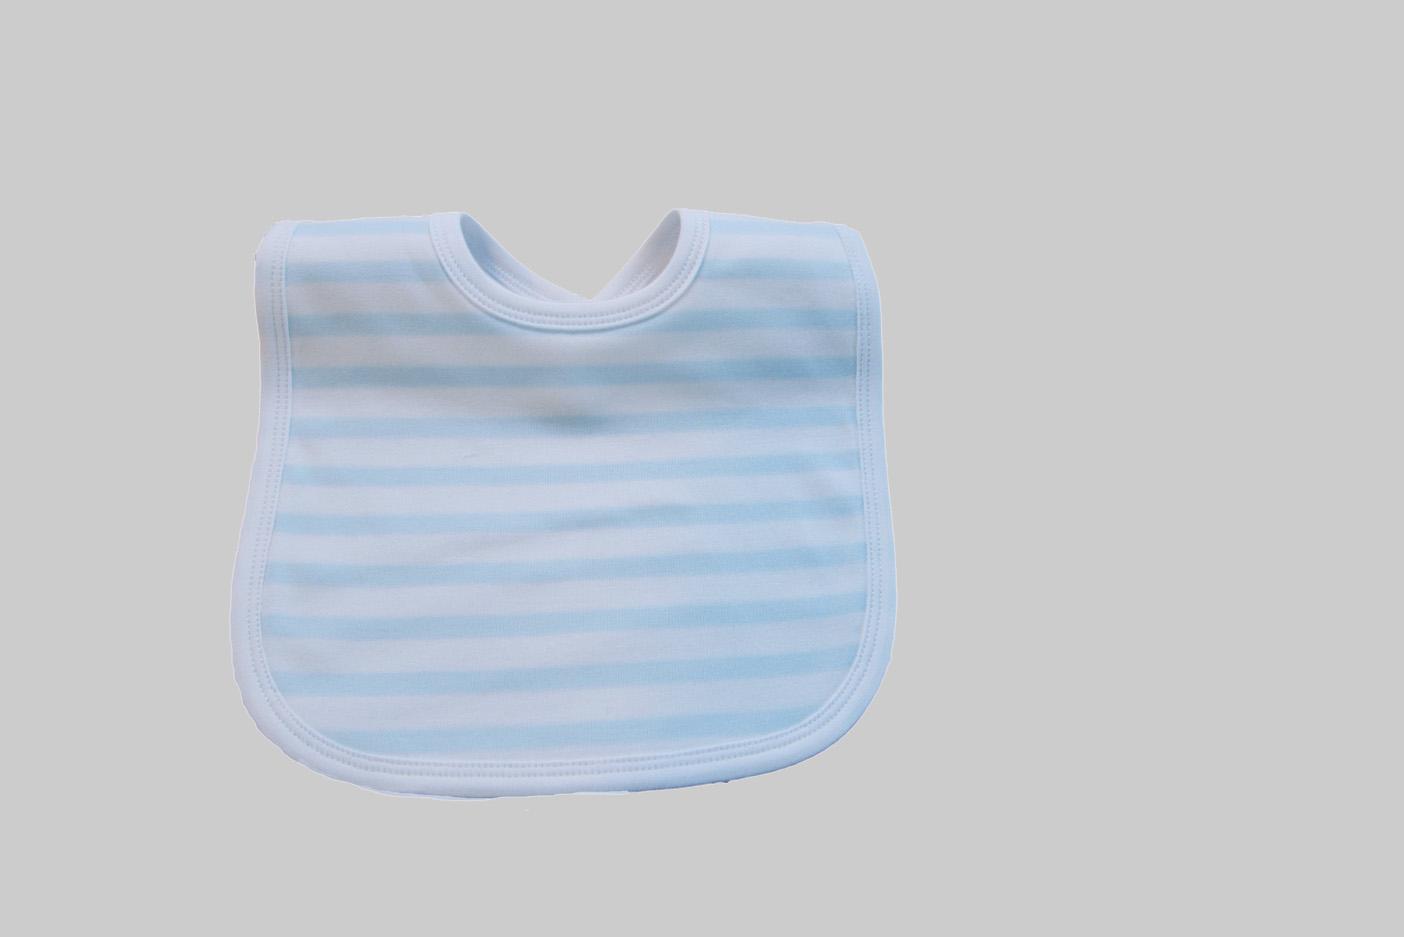 Woven Baby Blue Stripes Bib